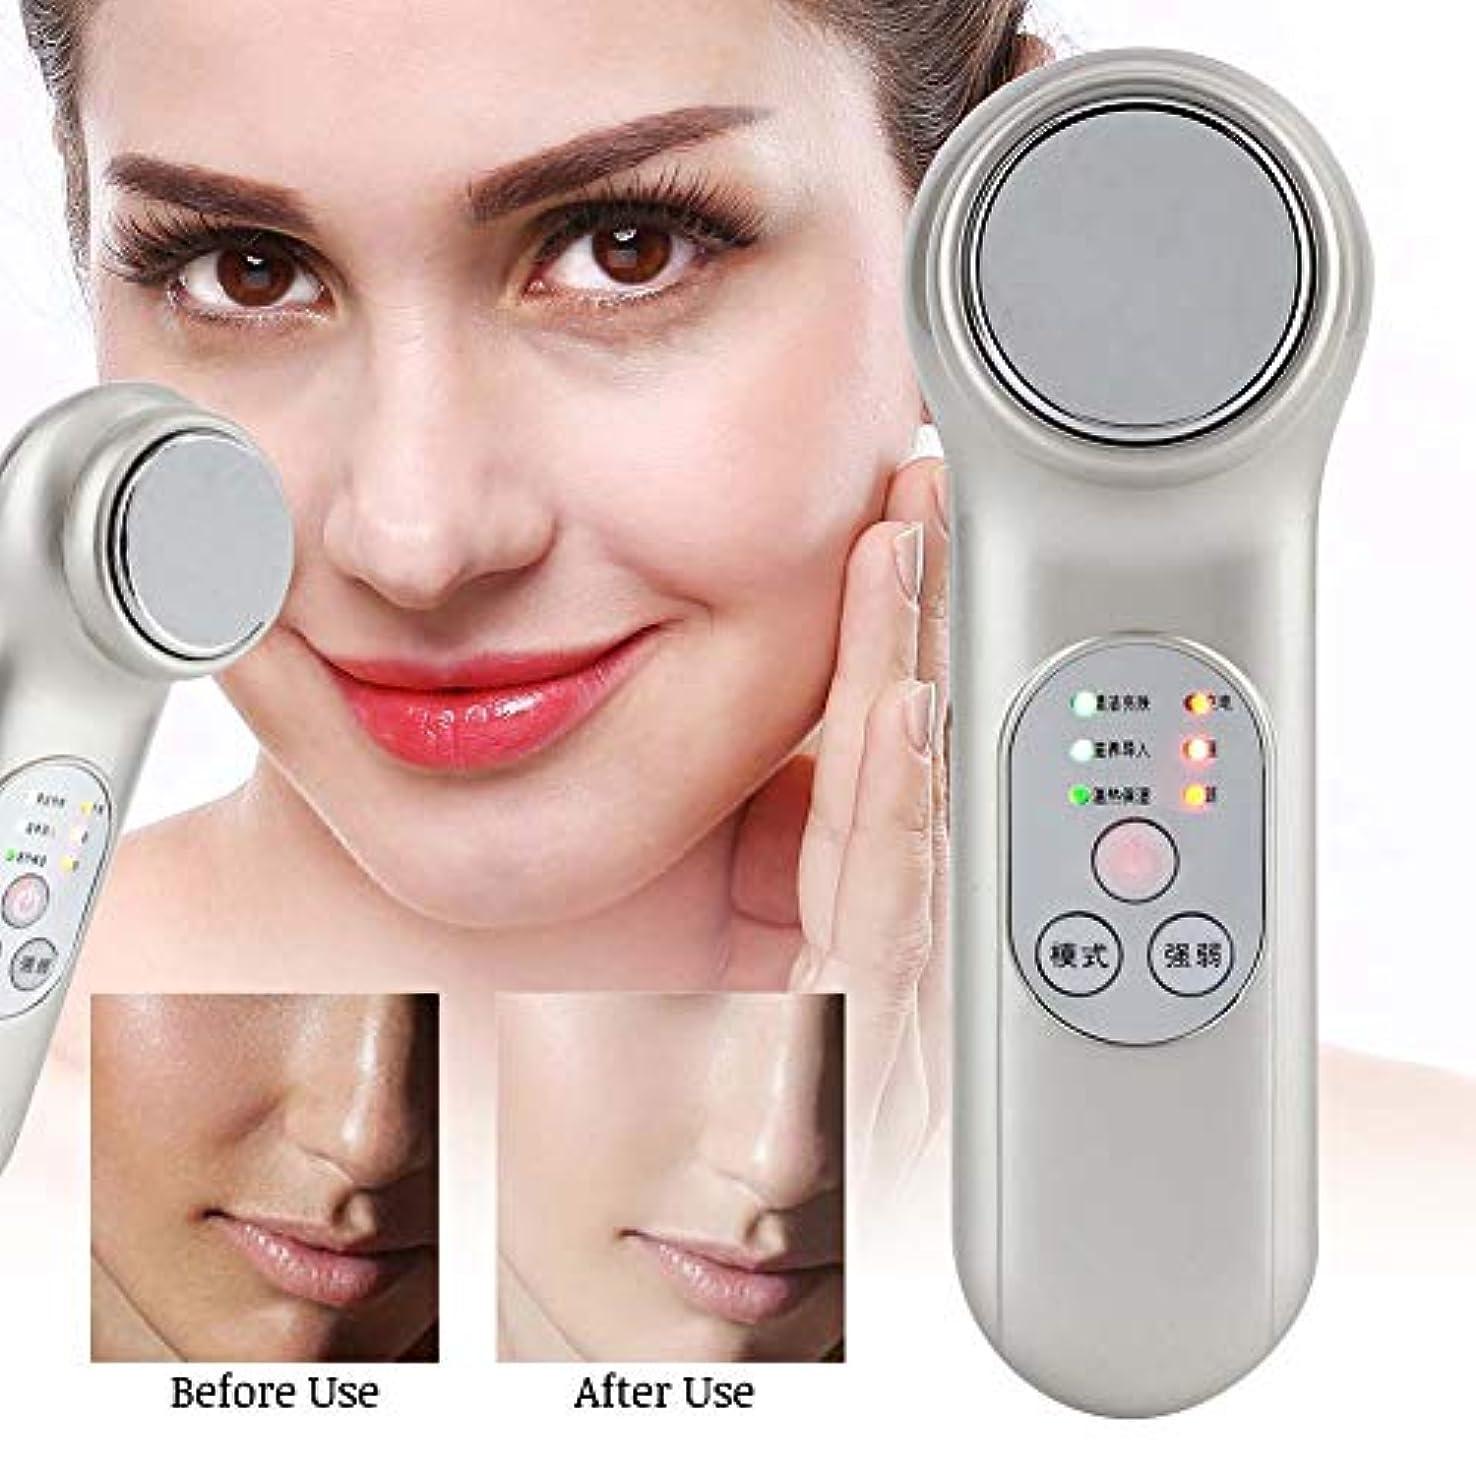 はぁコンテンポラリー血色の良い毛穴クリーナー、毛穴真空除去クリーナー電気クリーナーフェイスマッサージャー女性と男性のための皮膚美容デバイス